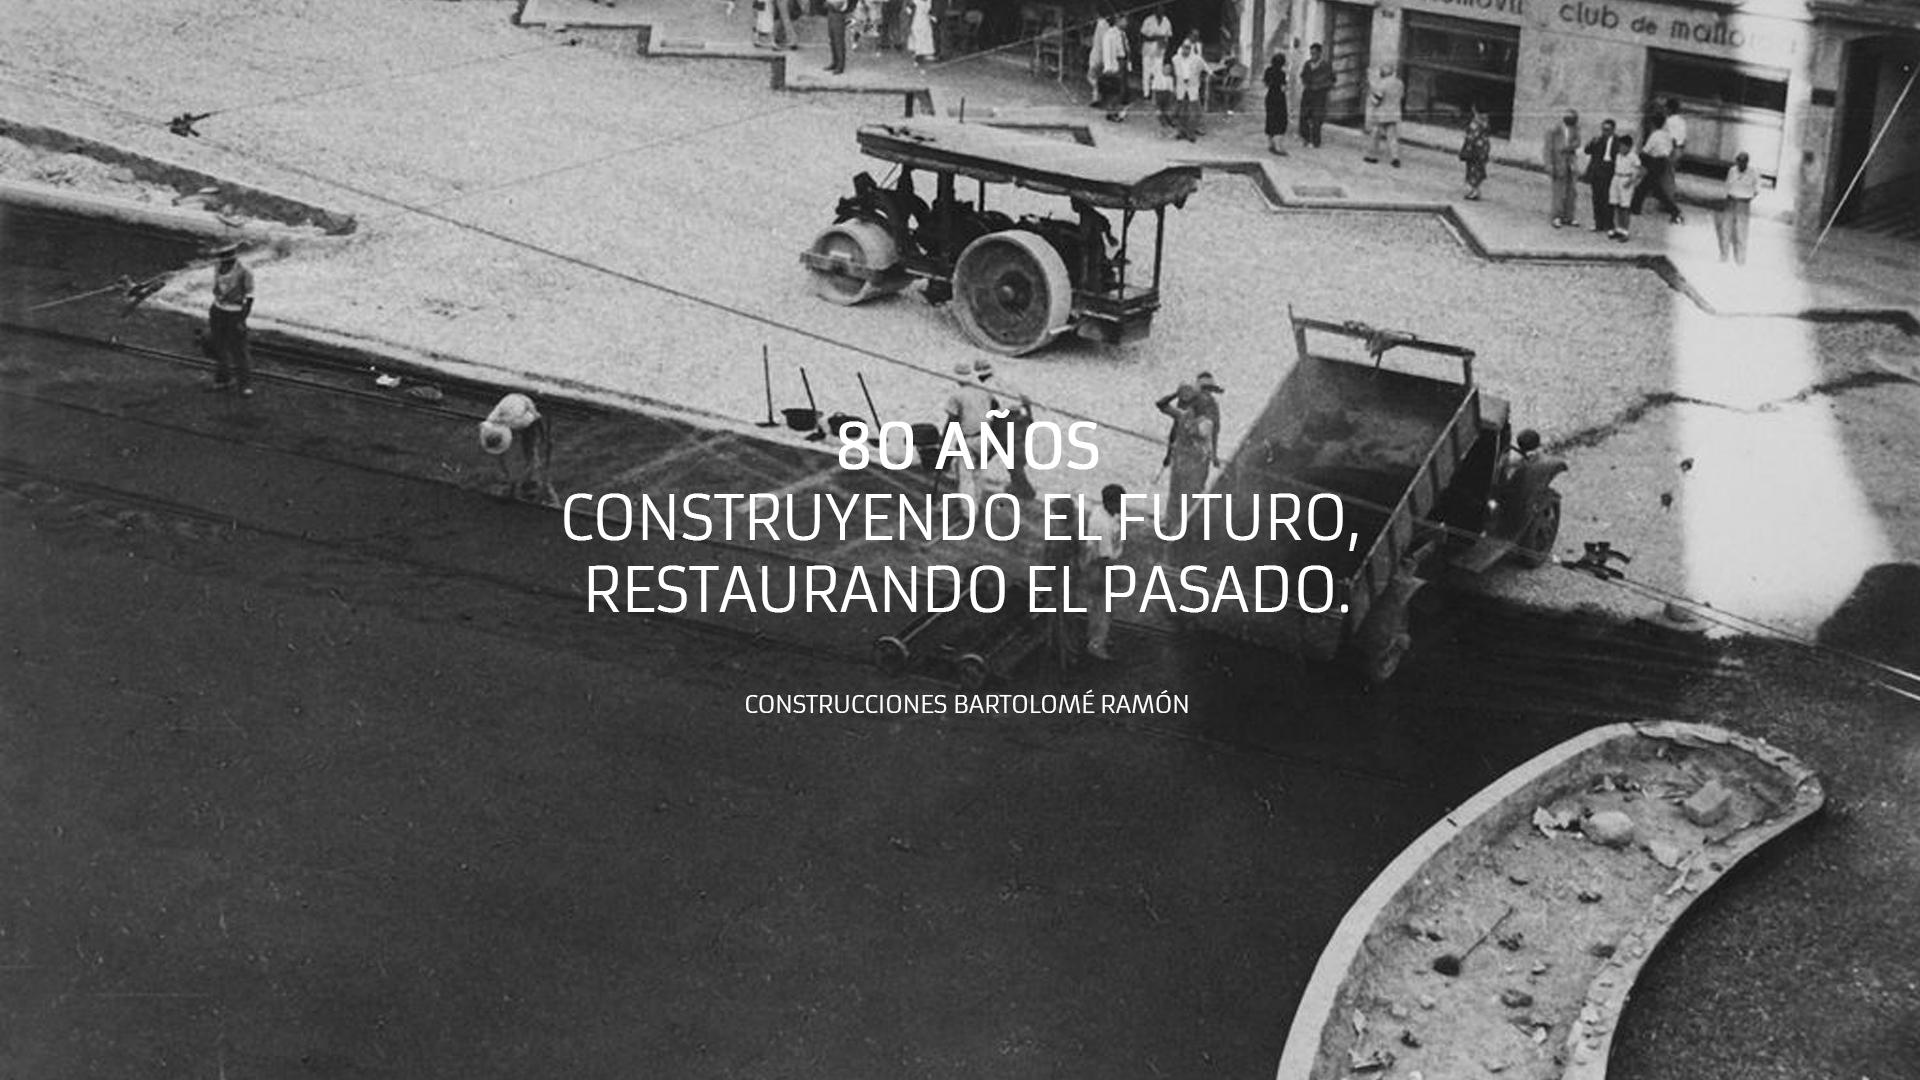 Proyecto Construcciones Bartolomé Ramón | Diseño Web